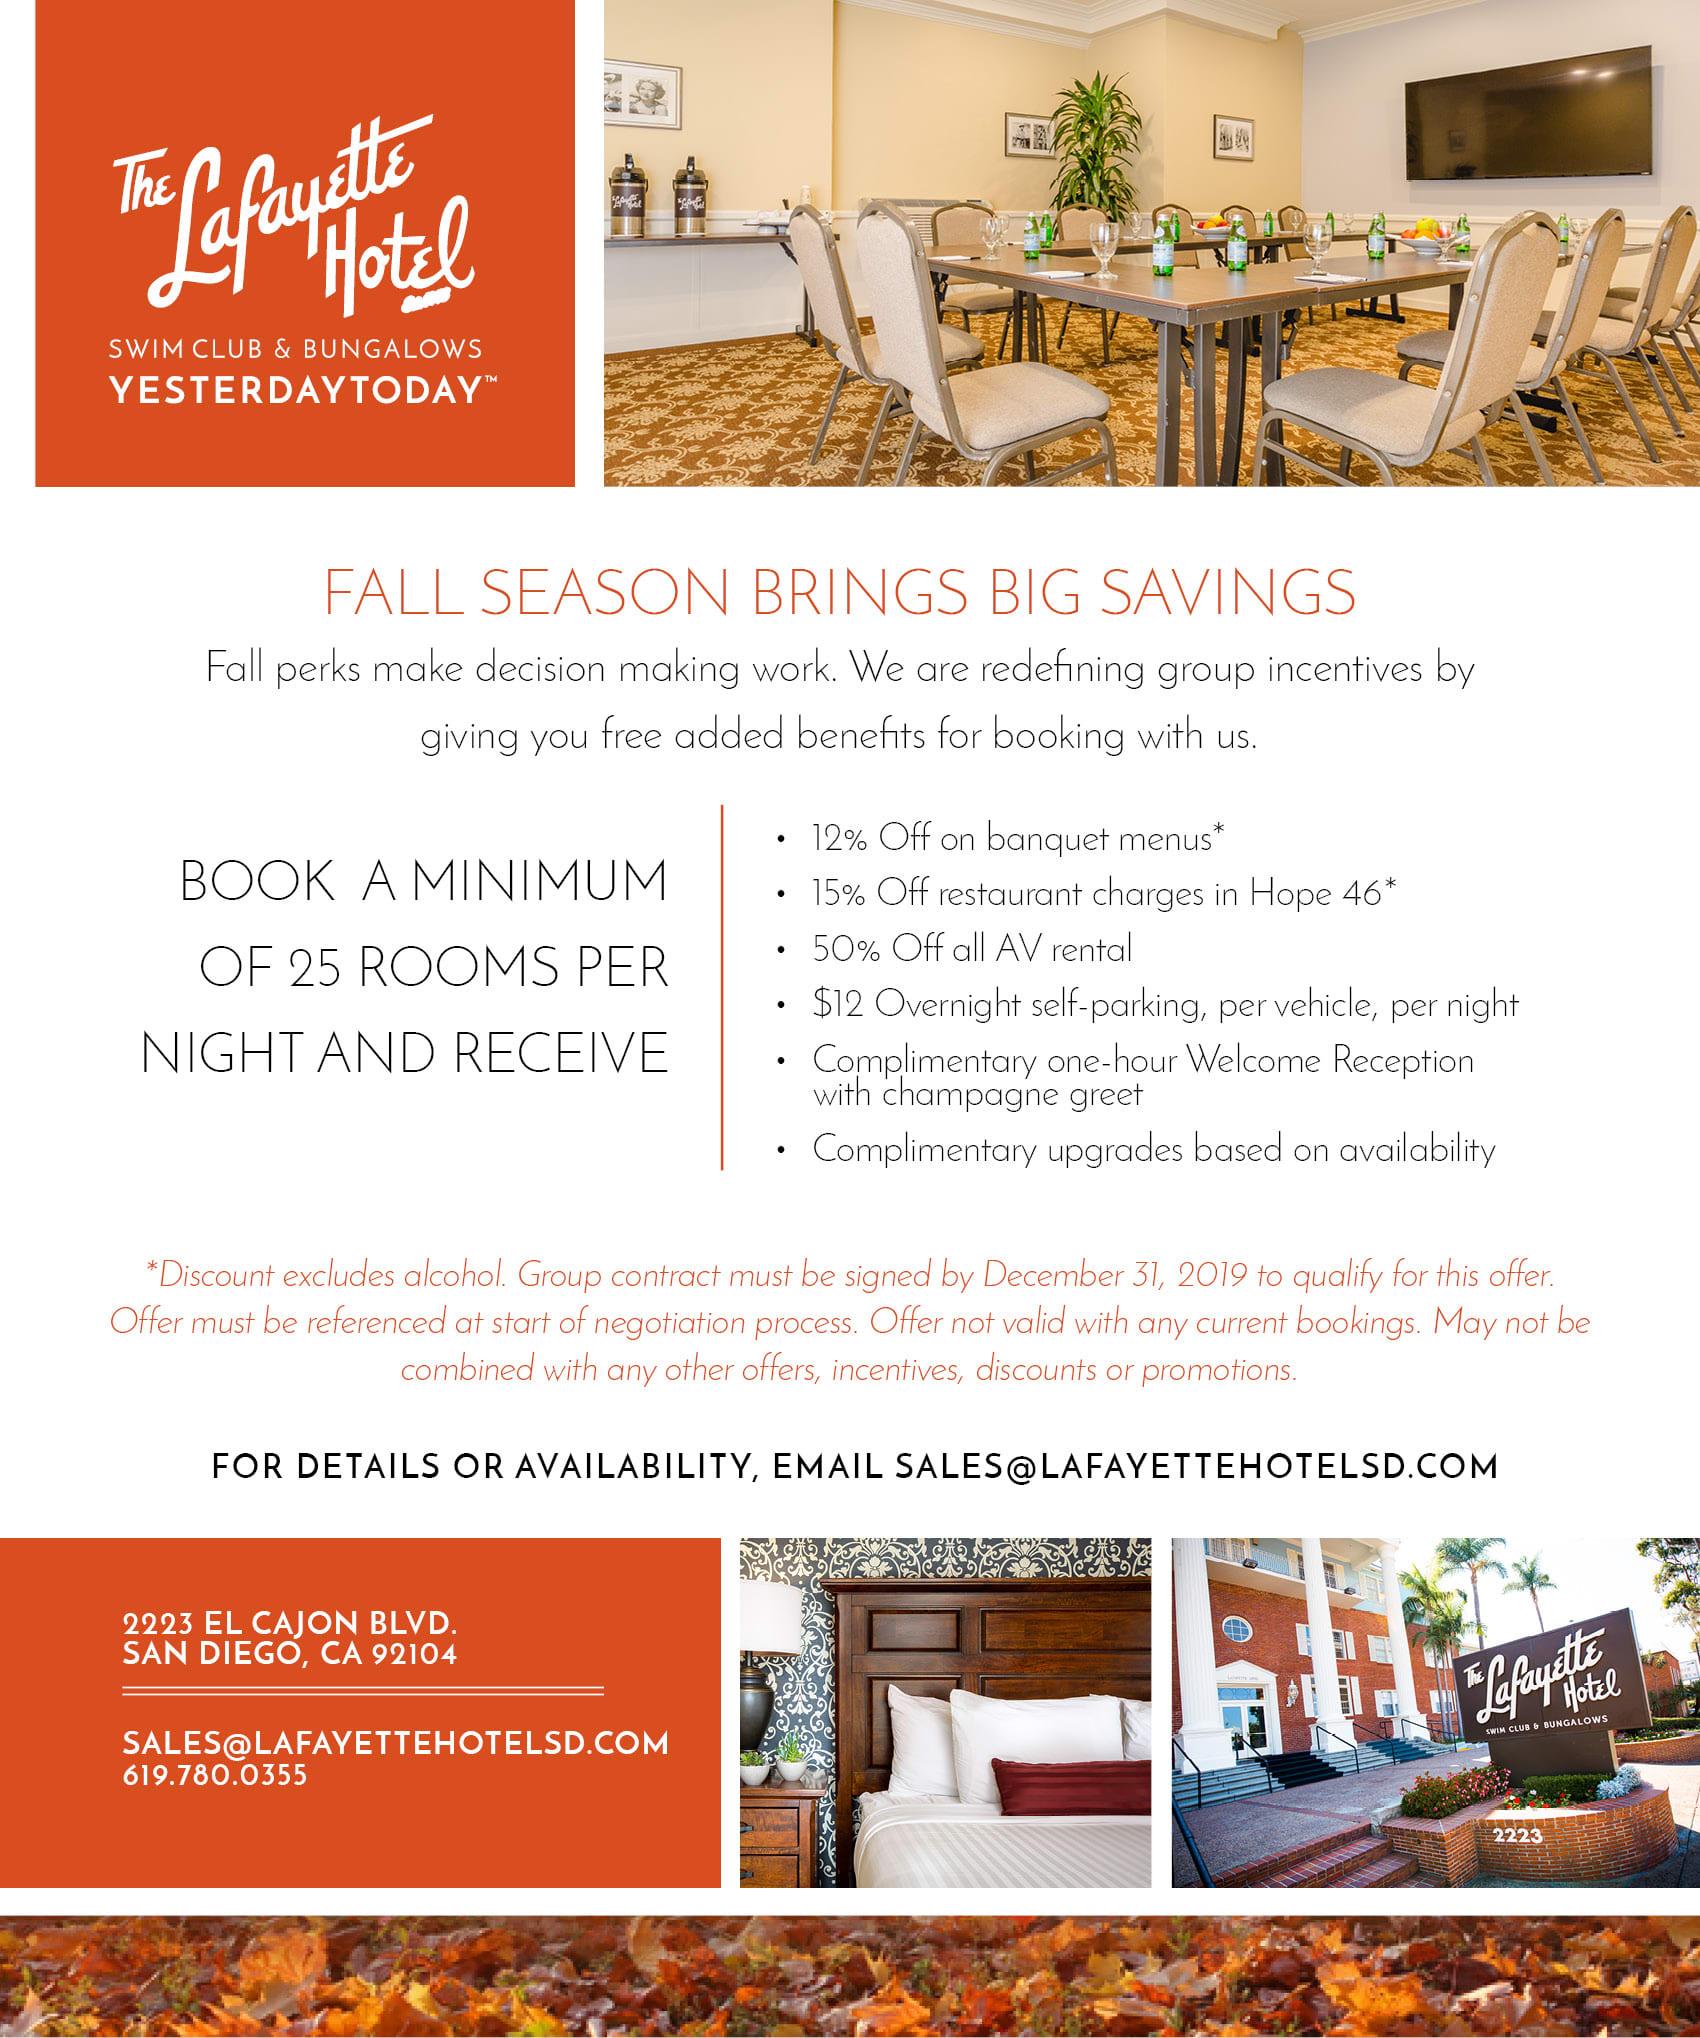 Fall Season Brings Big Savings